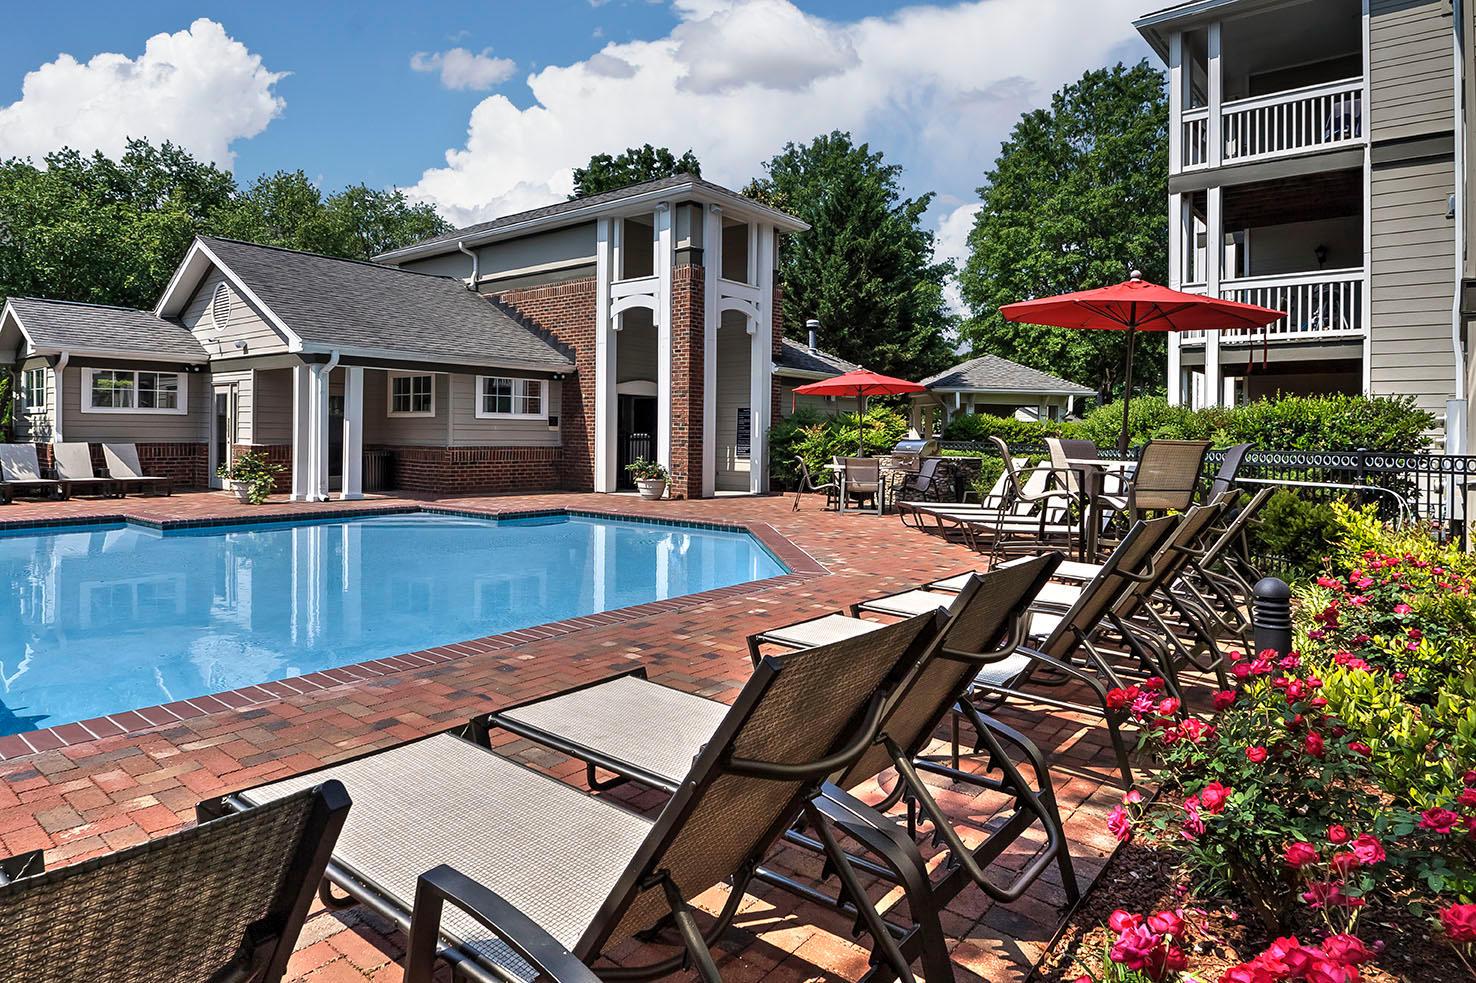 Camden Lake Pine Apartments image 11